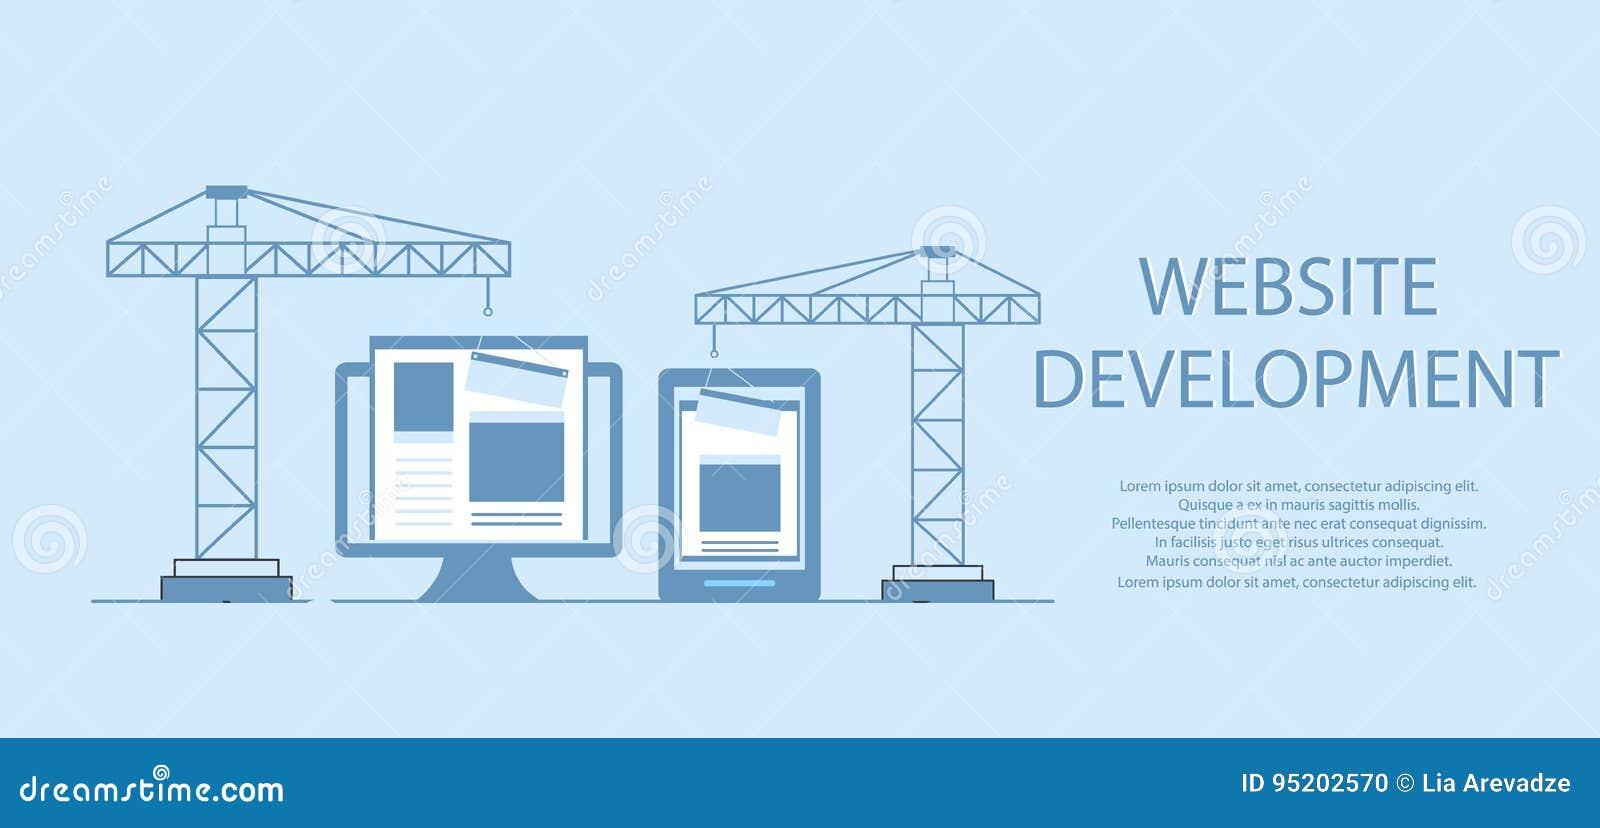 Flaches Design von Website im Bau, Webseitenbauprozess, StandortFormularaufbau der Web-Entwicklung